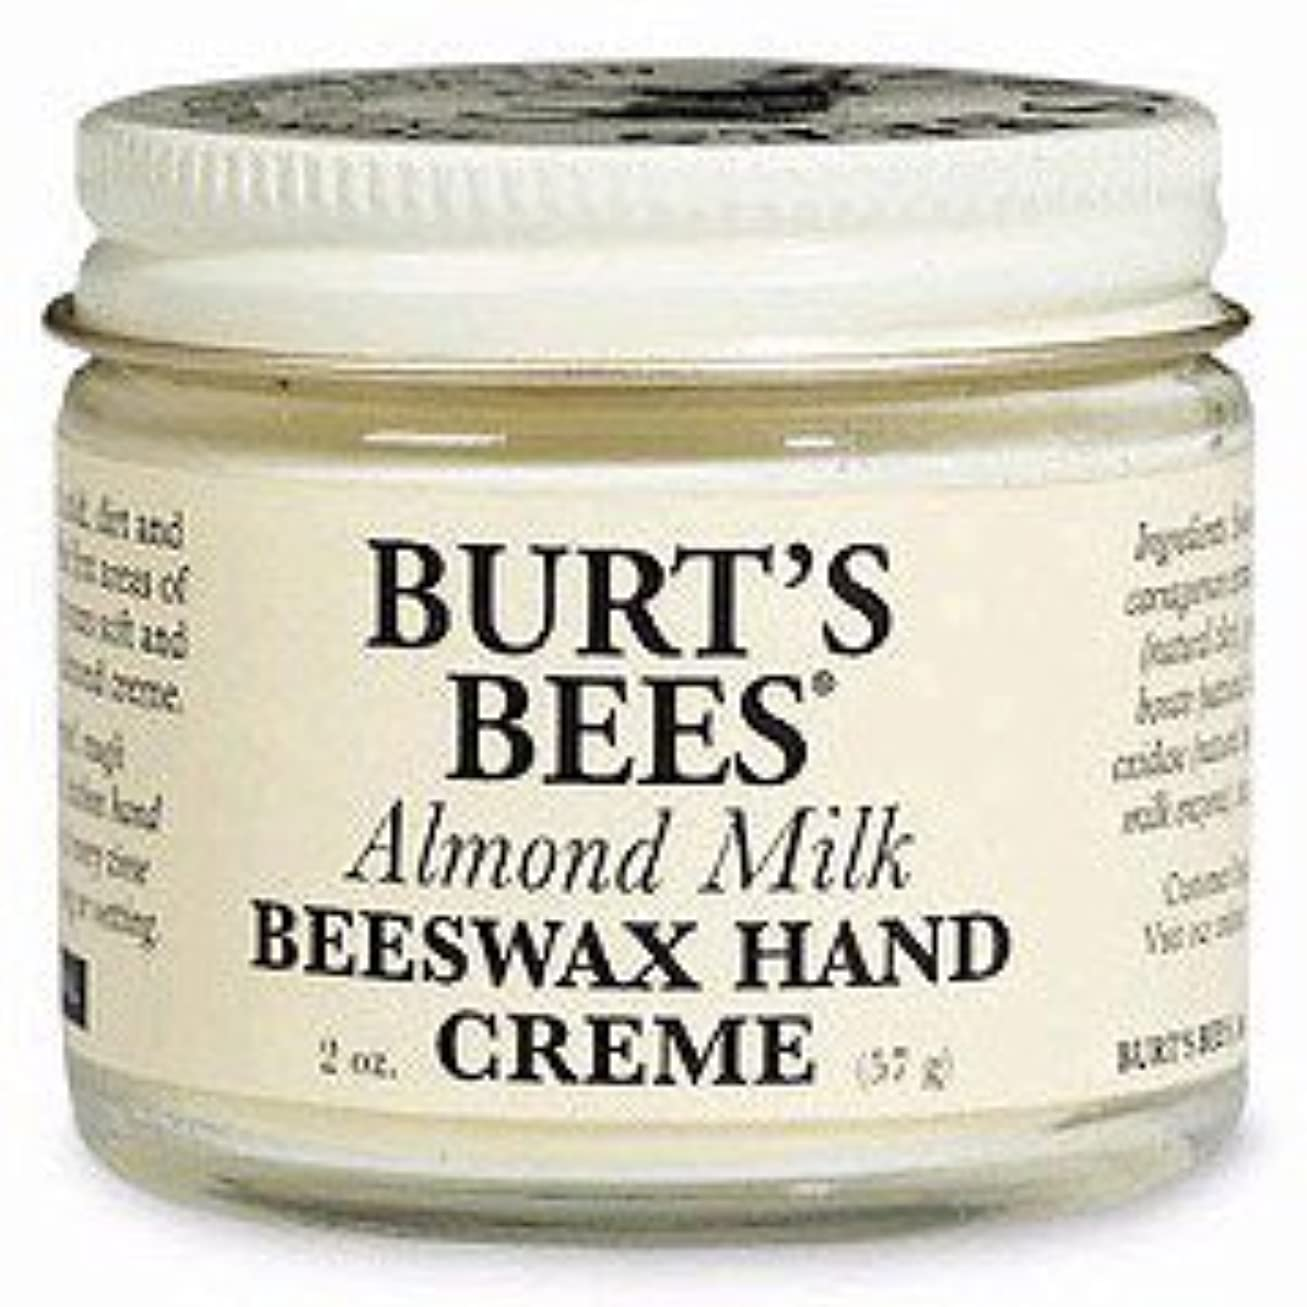 予算子孫曲げるバーツビーズ(Burt's Bees) アーモンドミルク?ビーズワックス?ハンドクリーム 57g [海外直送品][並行輸入品]